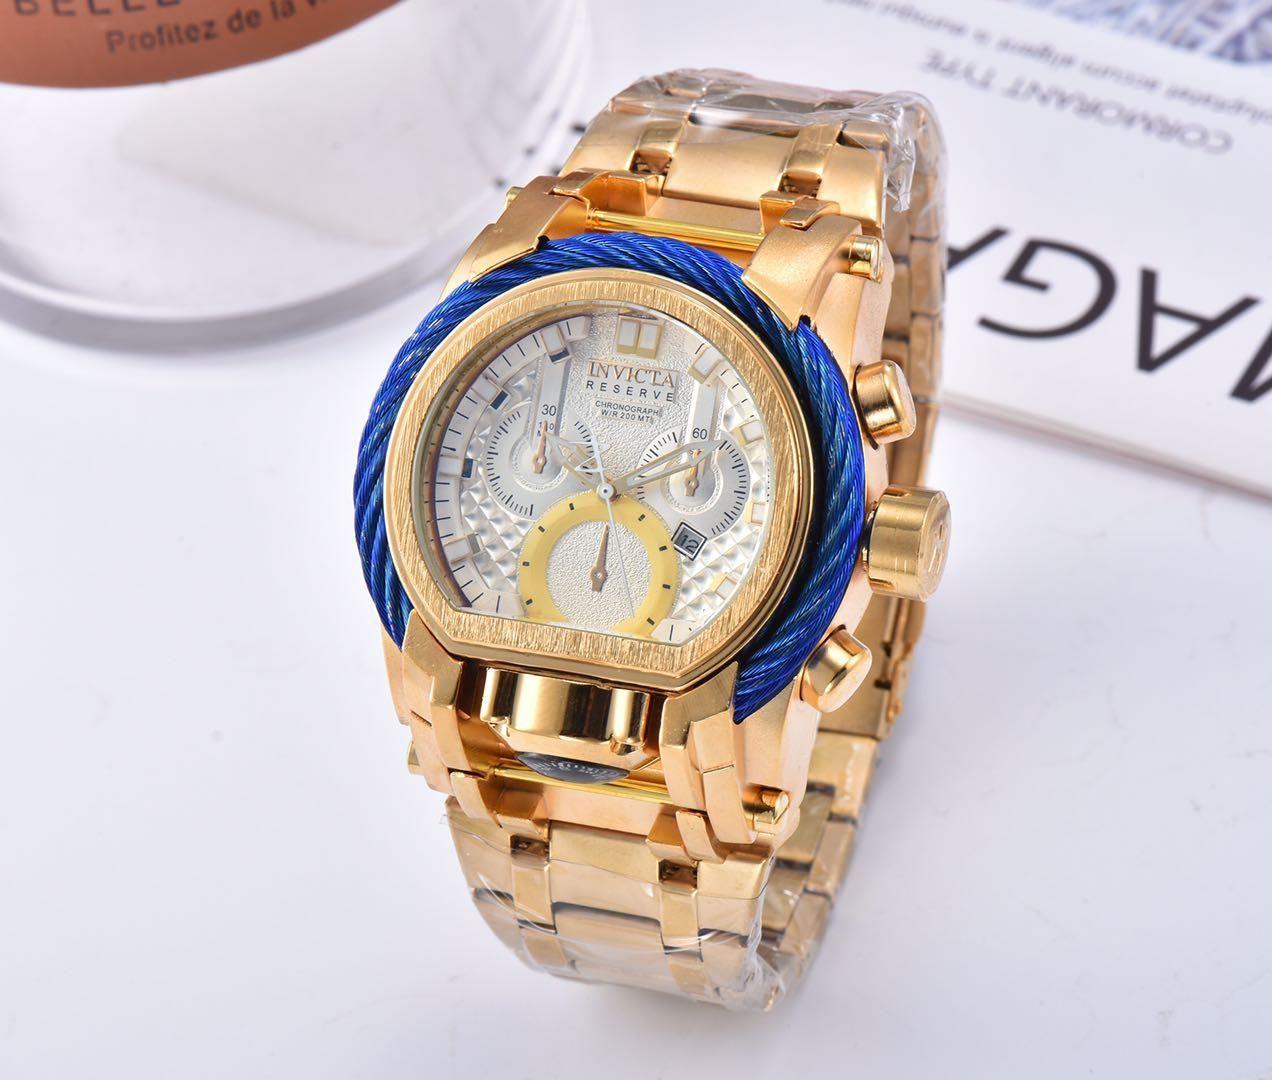 sport di alta qualità e il calendario per il tempo libero di quarzo filo di acciaio orologio bussola DZ7333 quadrante grande personalità maschile